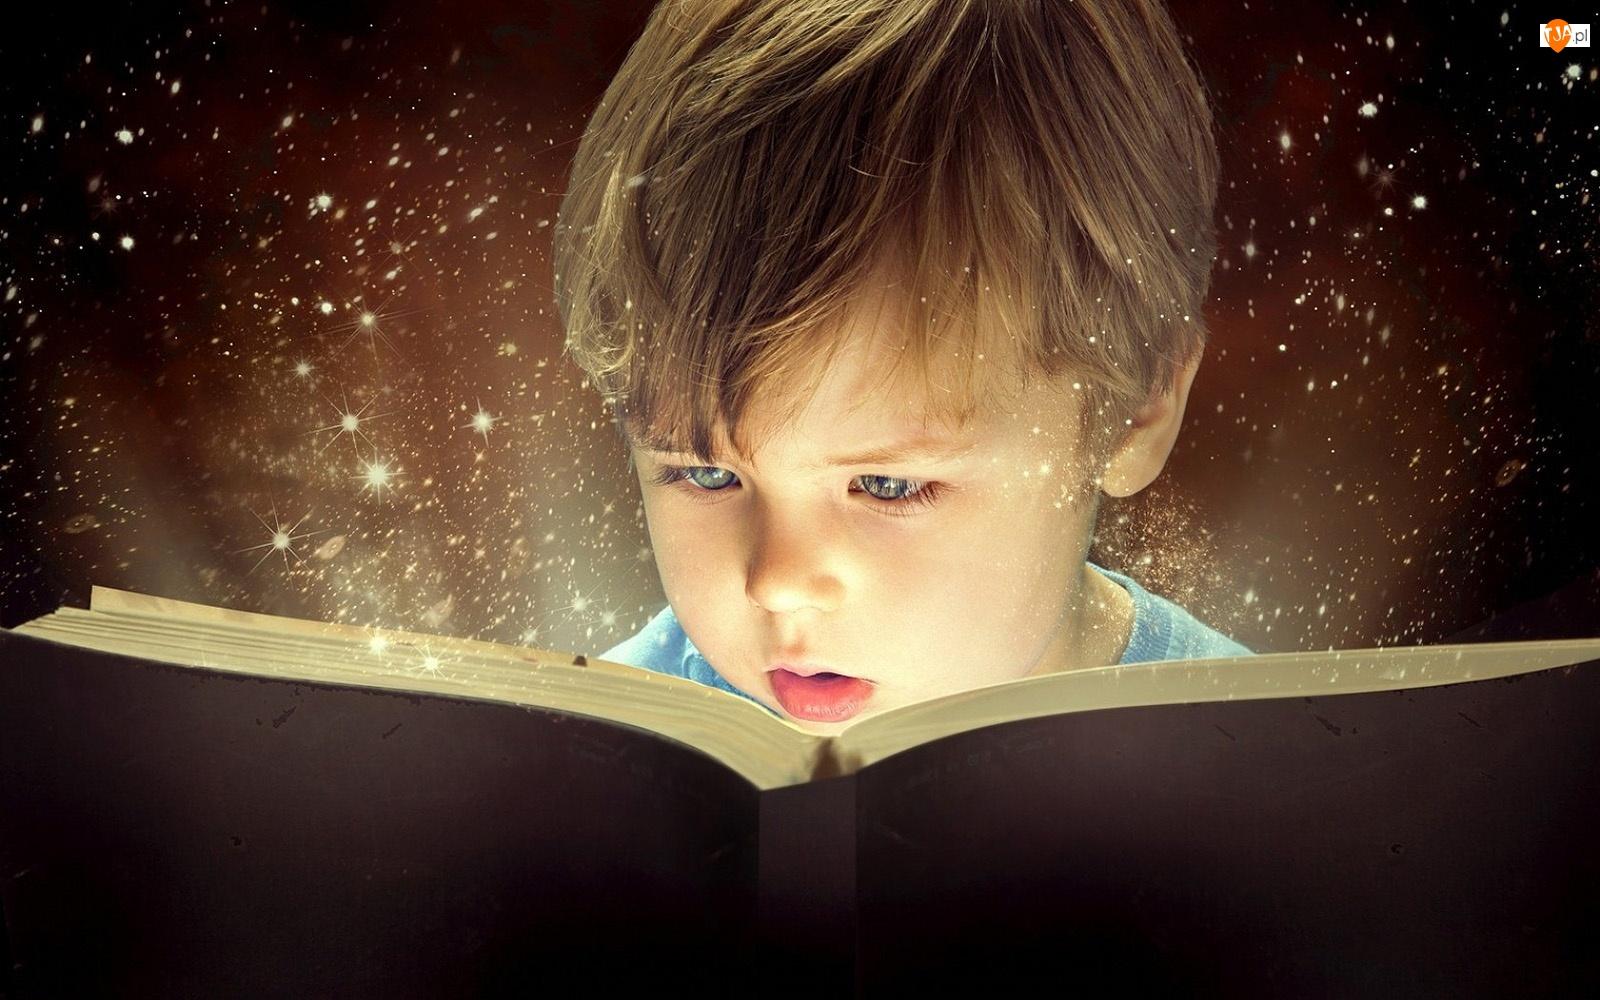 Bajka, Dziecko, Książka